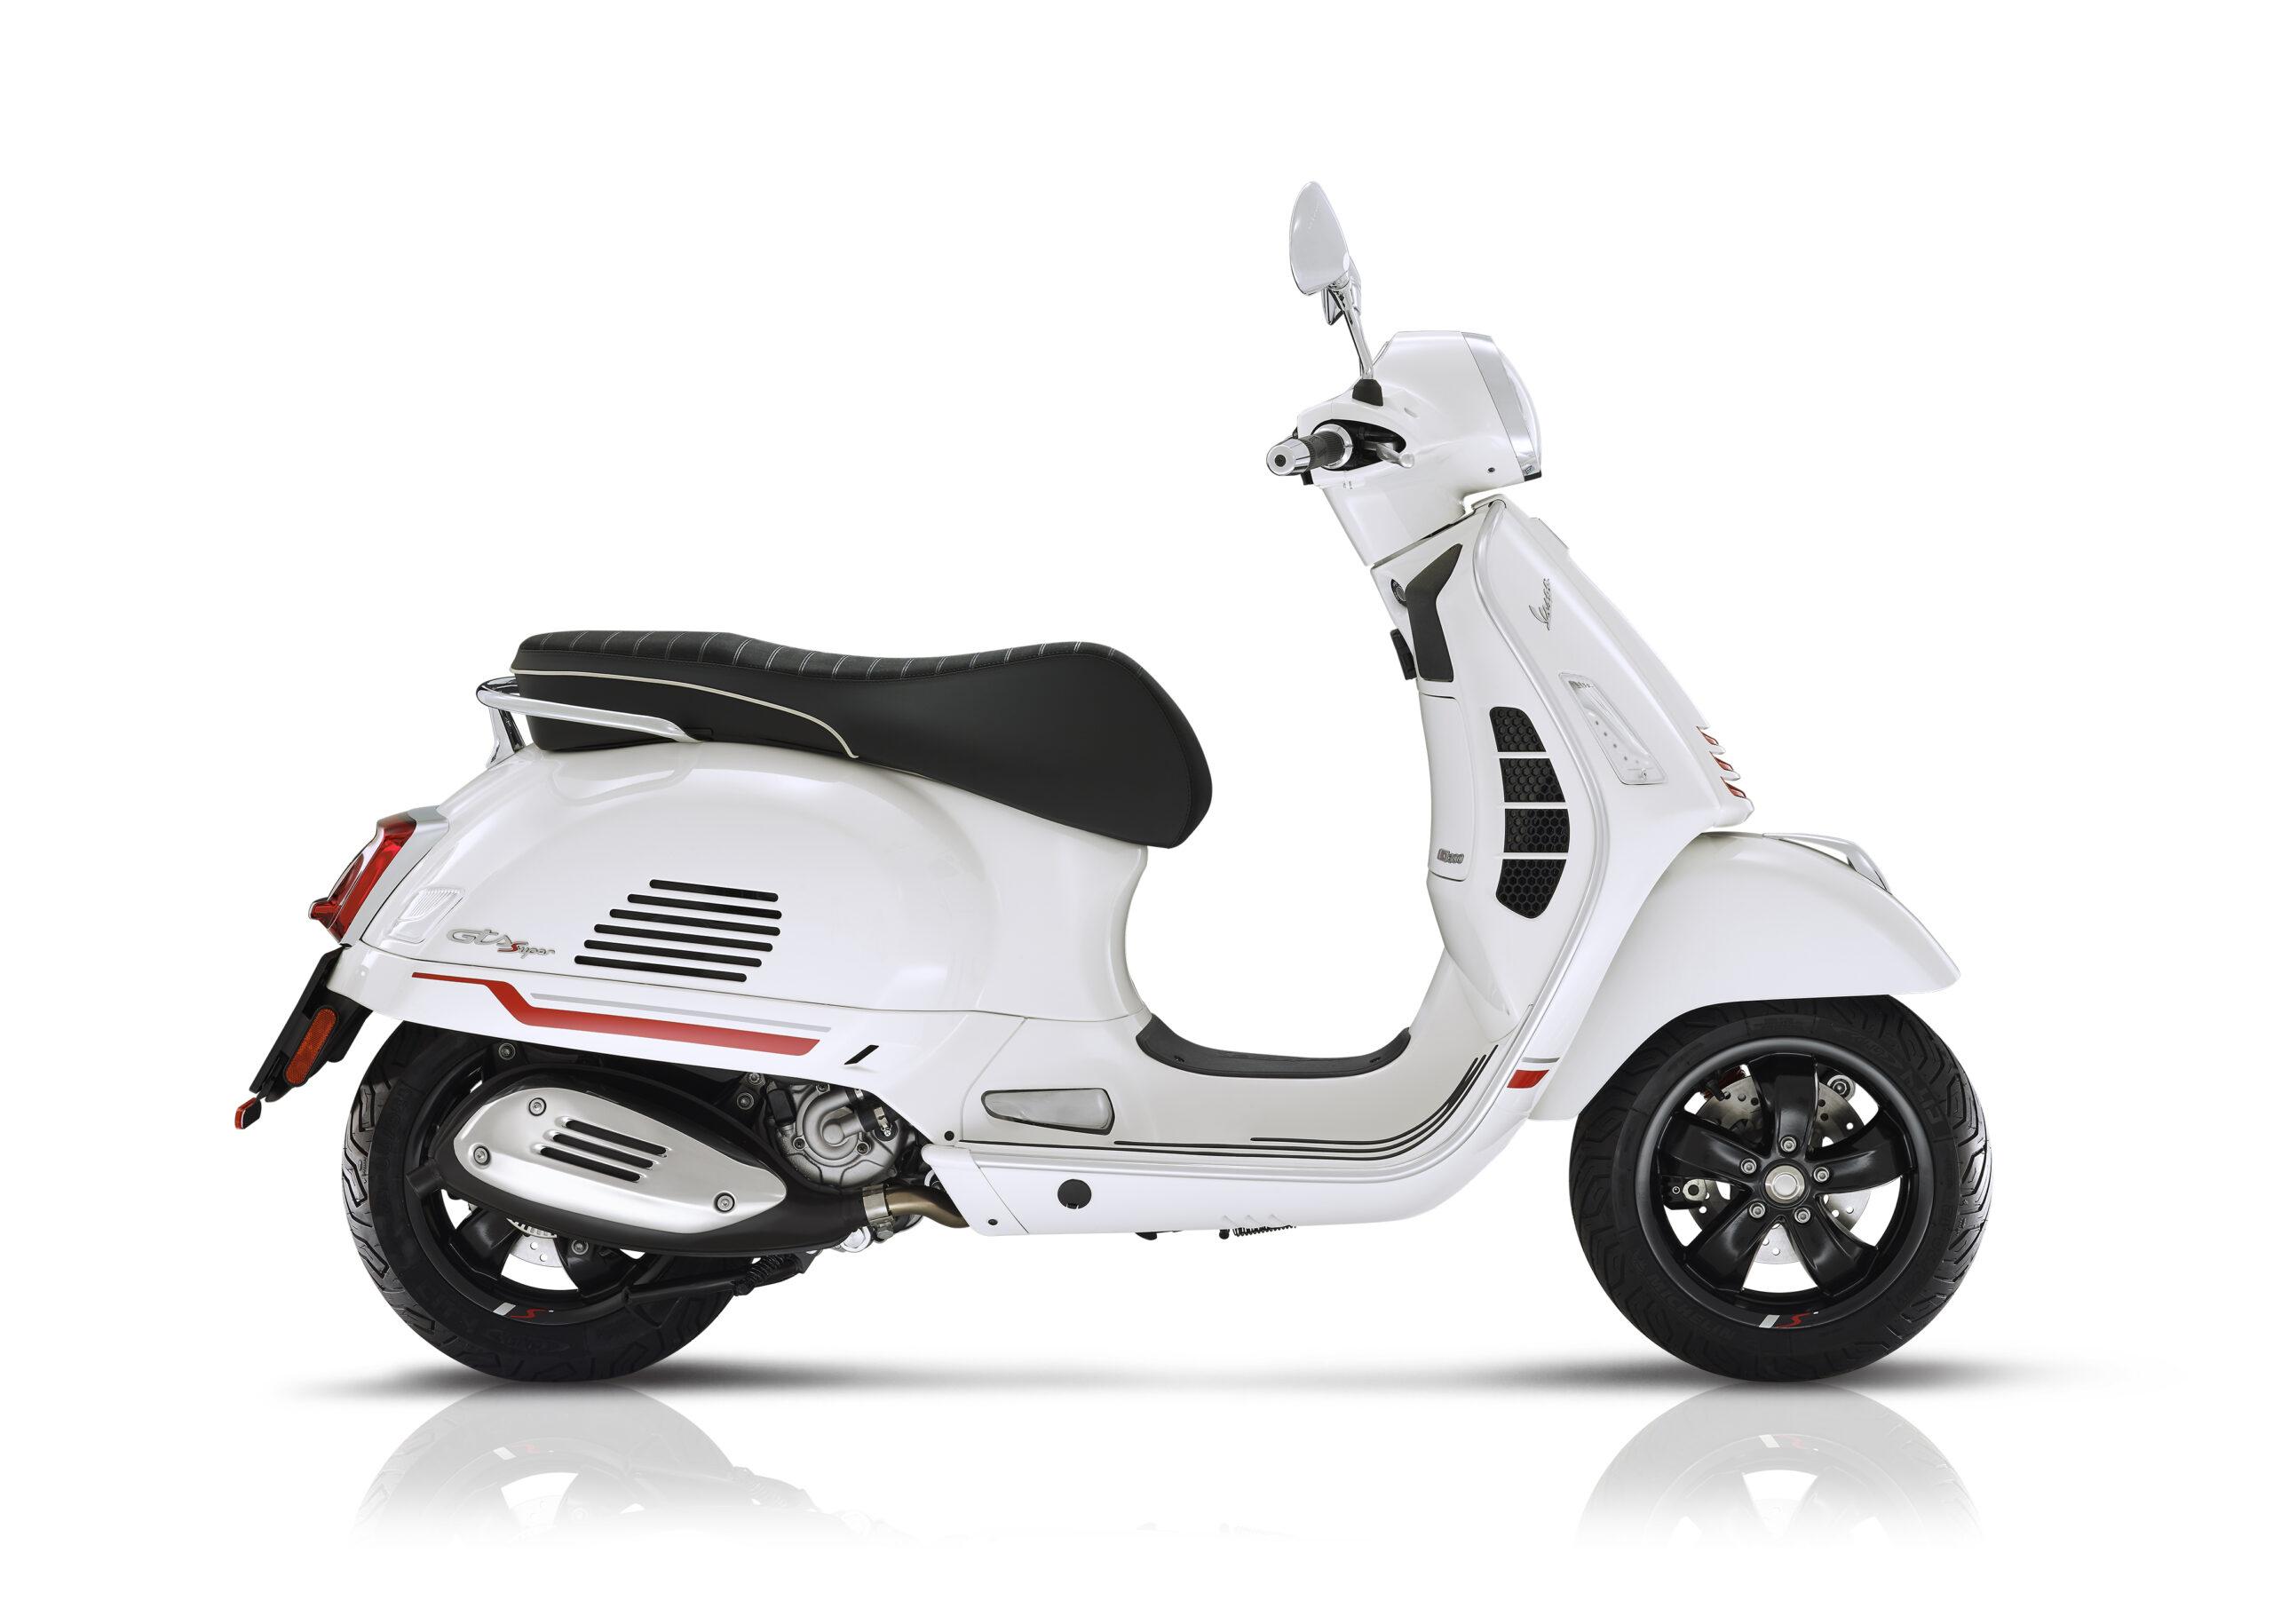 Vespa GTS S biancaLatDX bianco